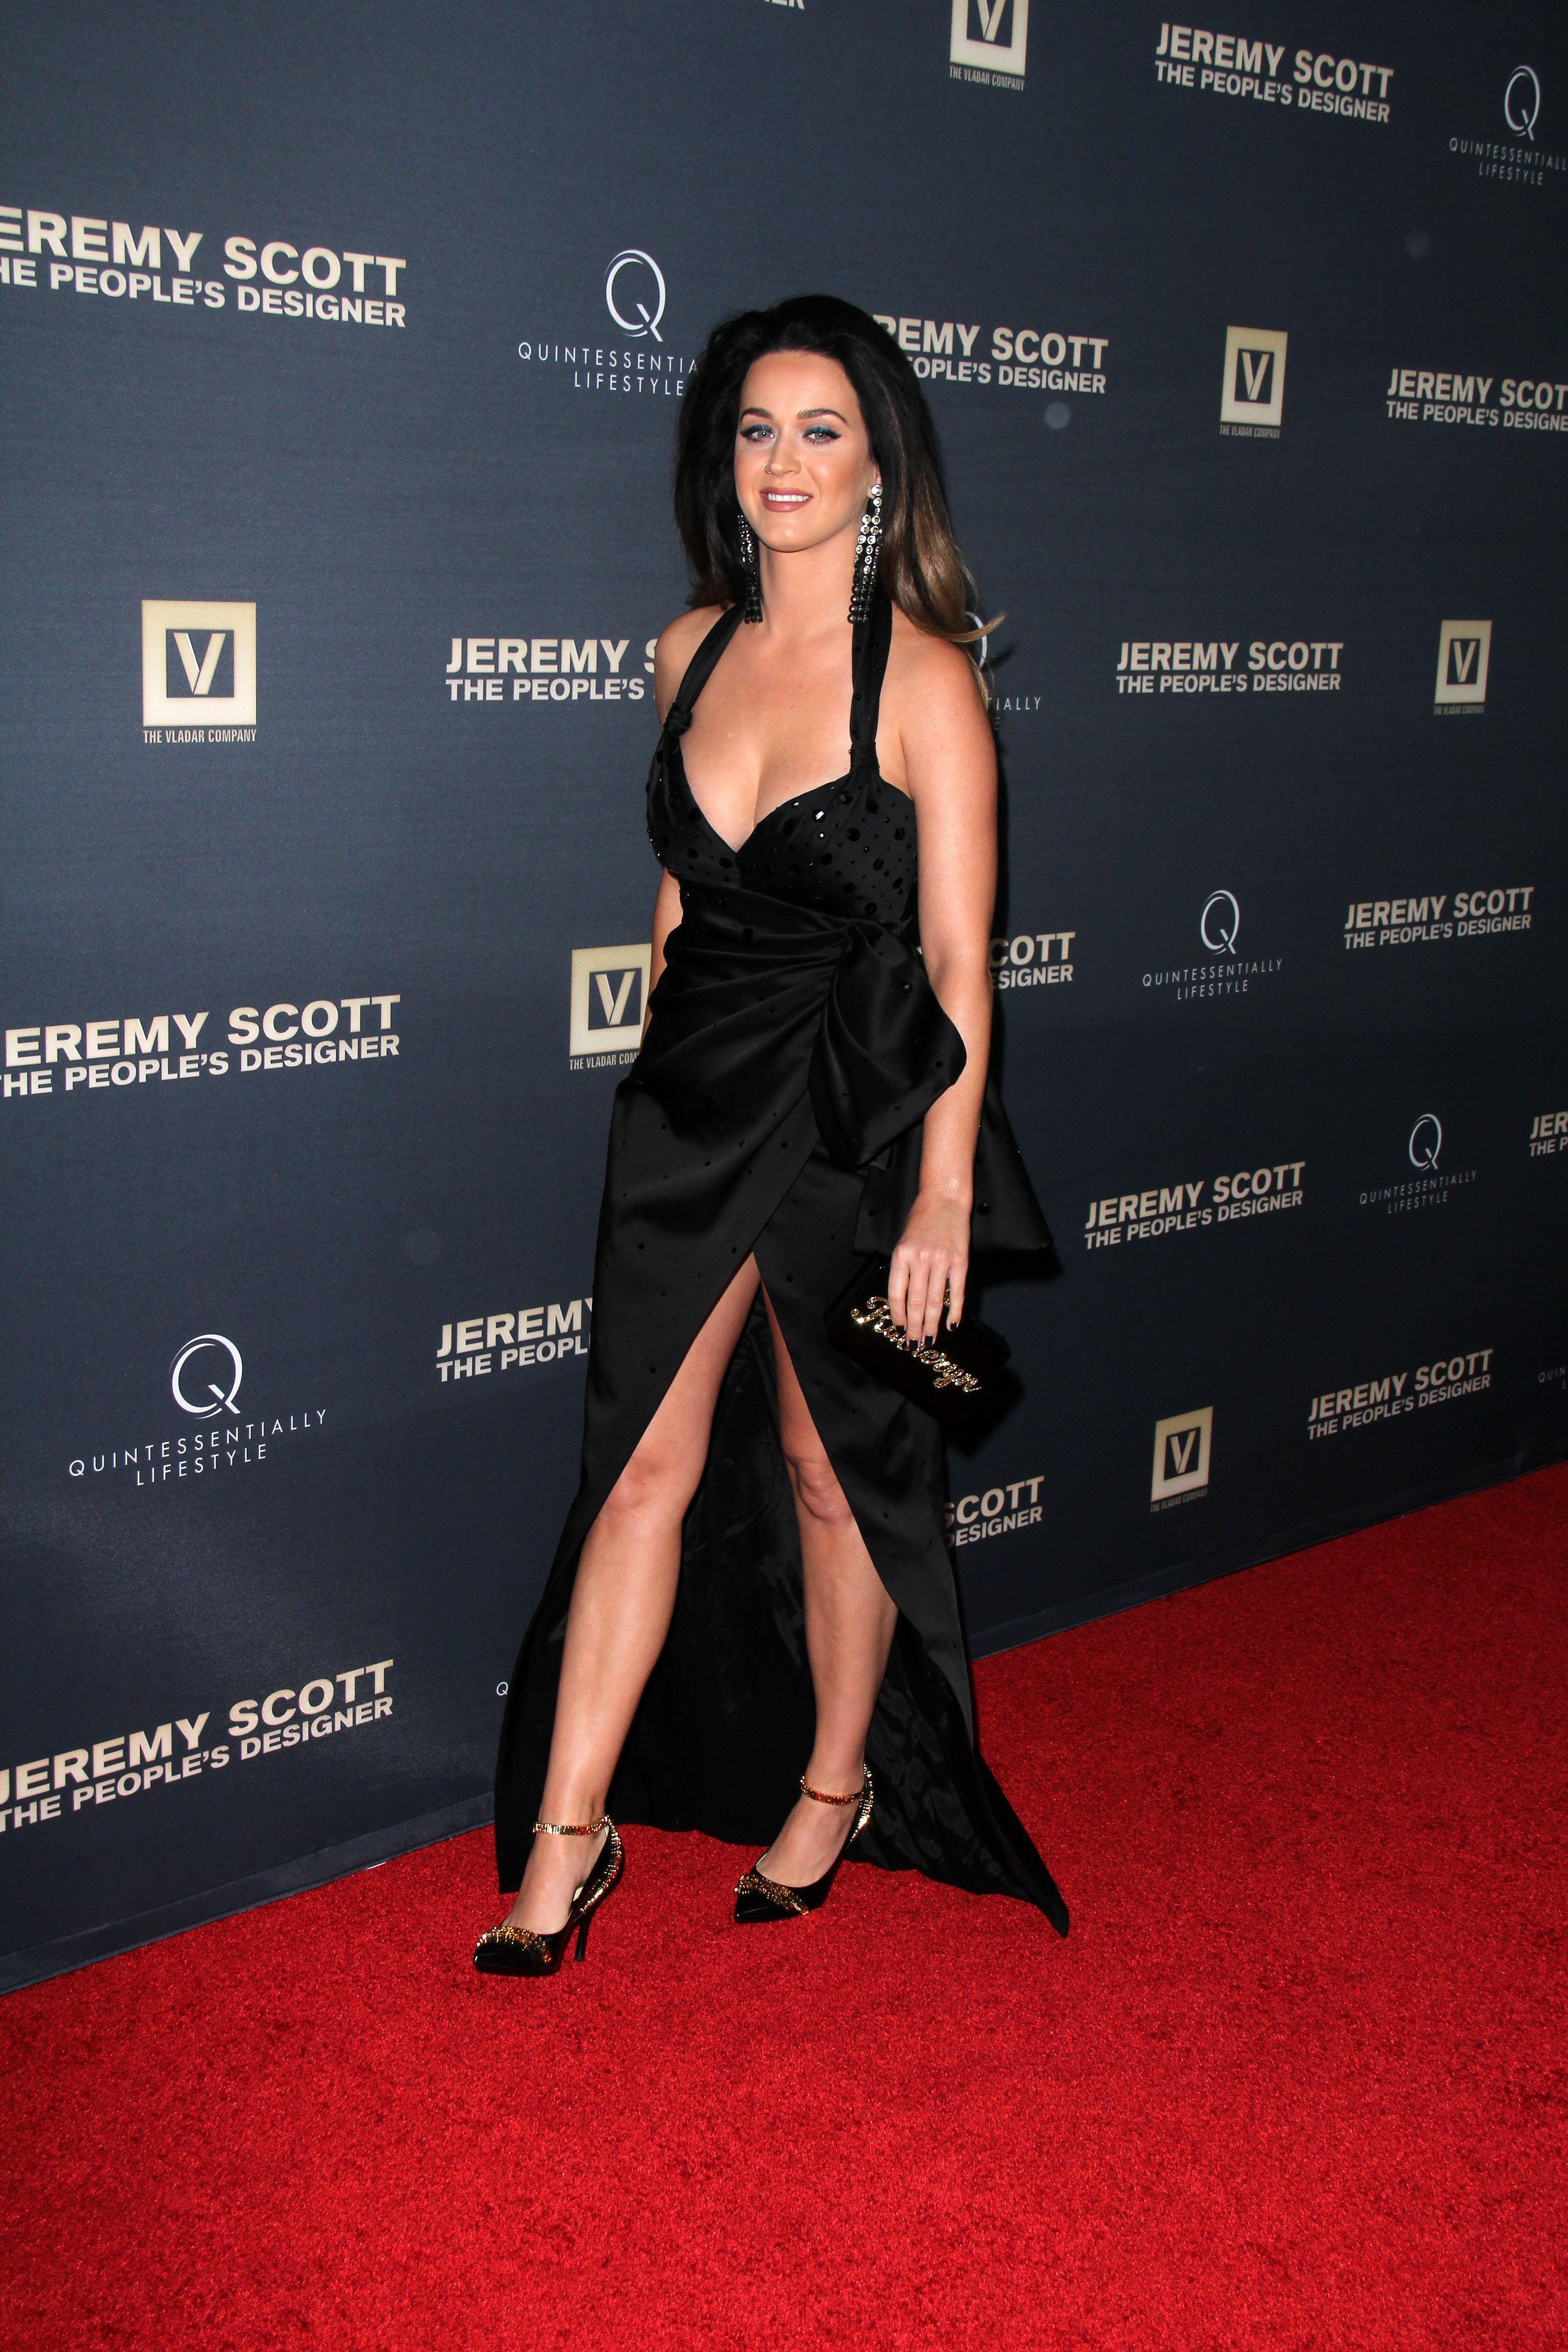 Güzel şarkıcı Katy Perry derin göğüs dekolteli ve yırtmaçlı sexy siyah elbisesi ile katıldığı ödül törenine damga vurdu. En seksi ünlü kadınların resimleri